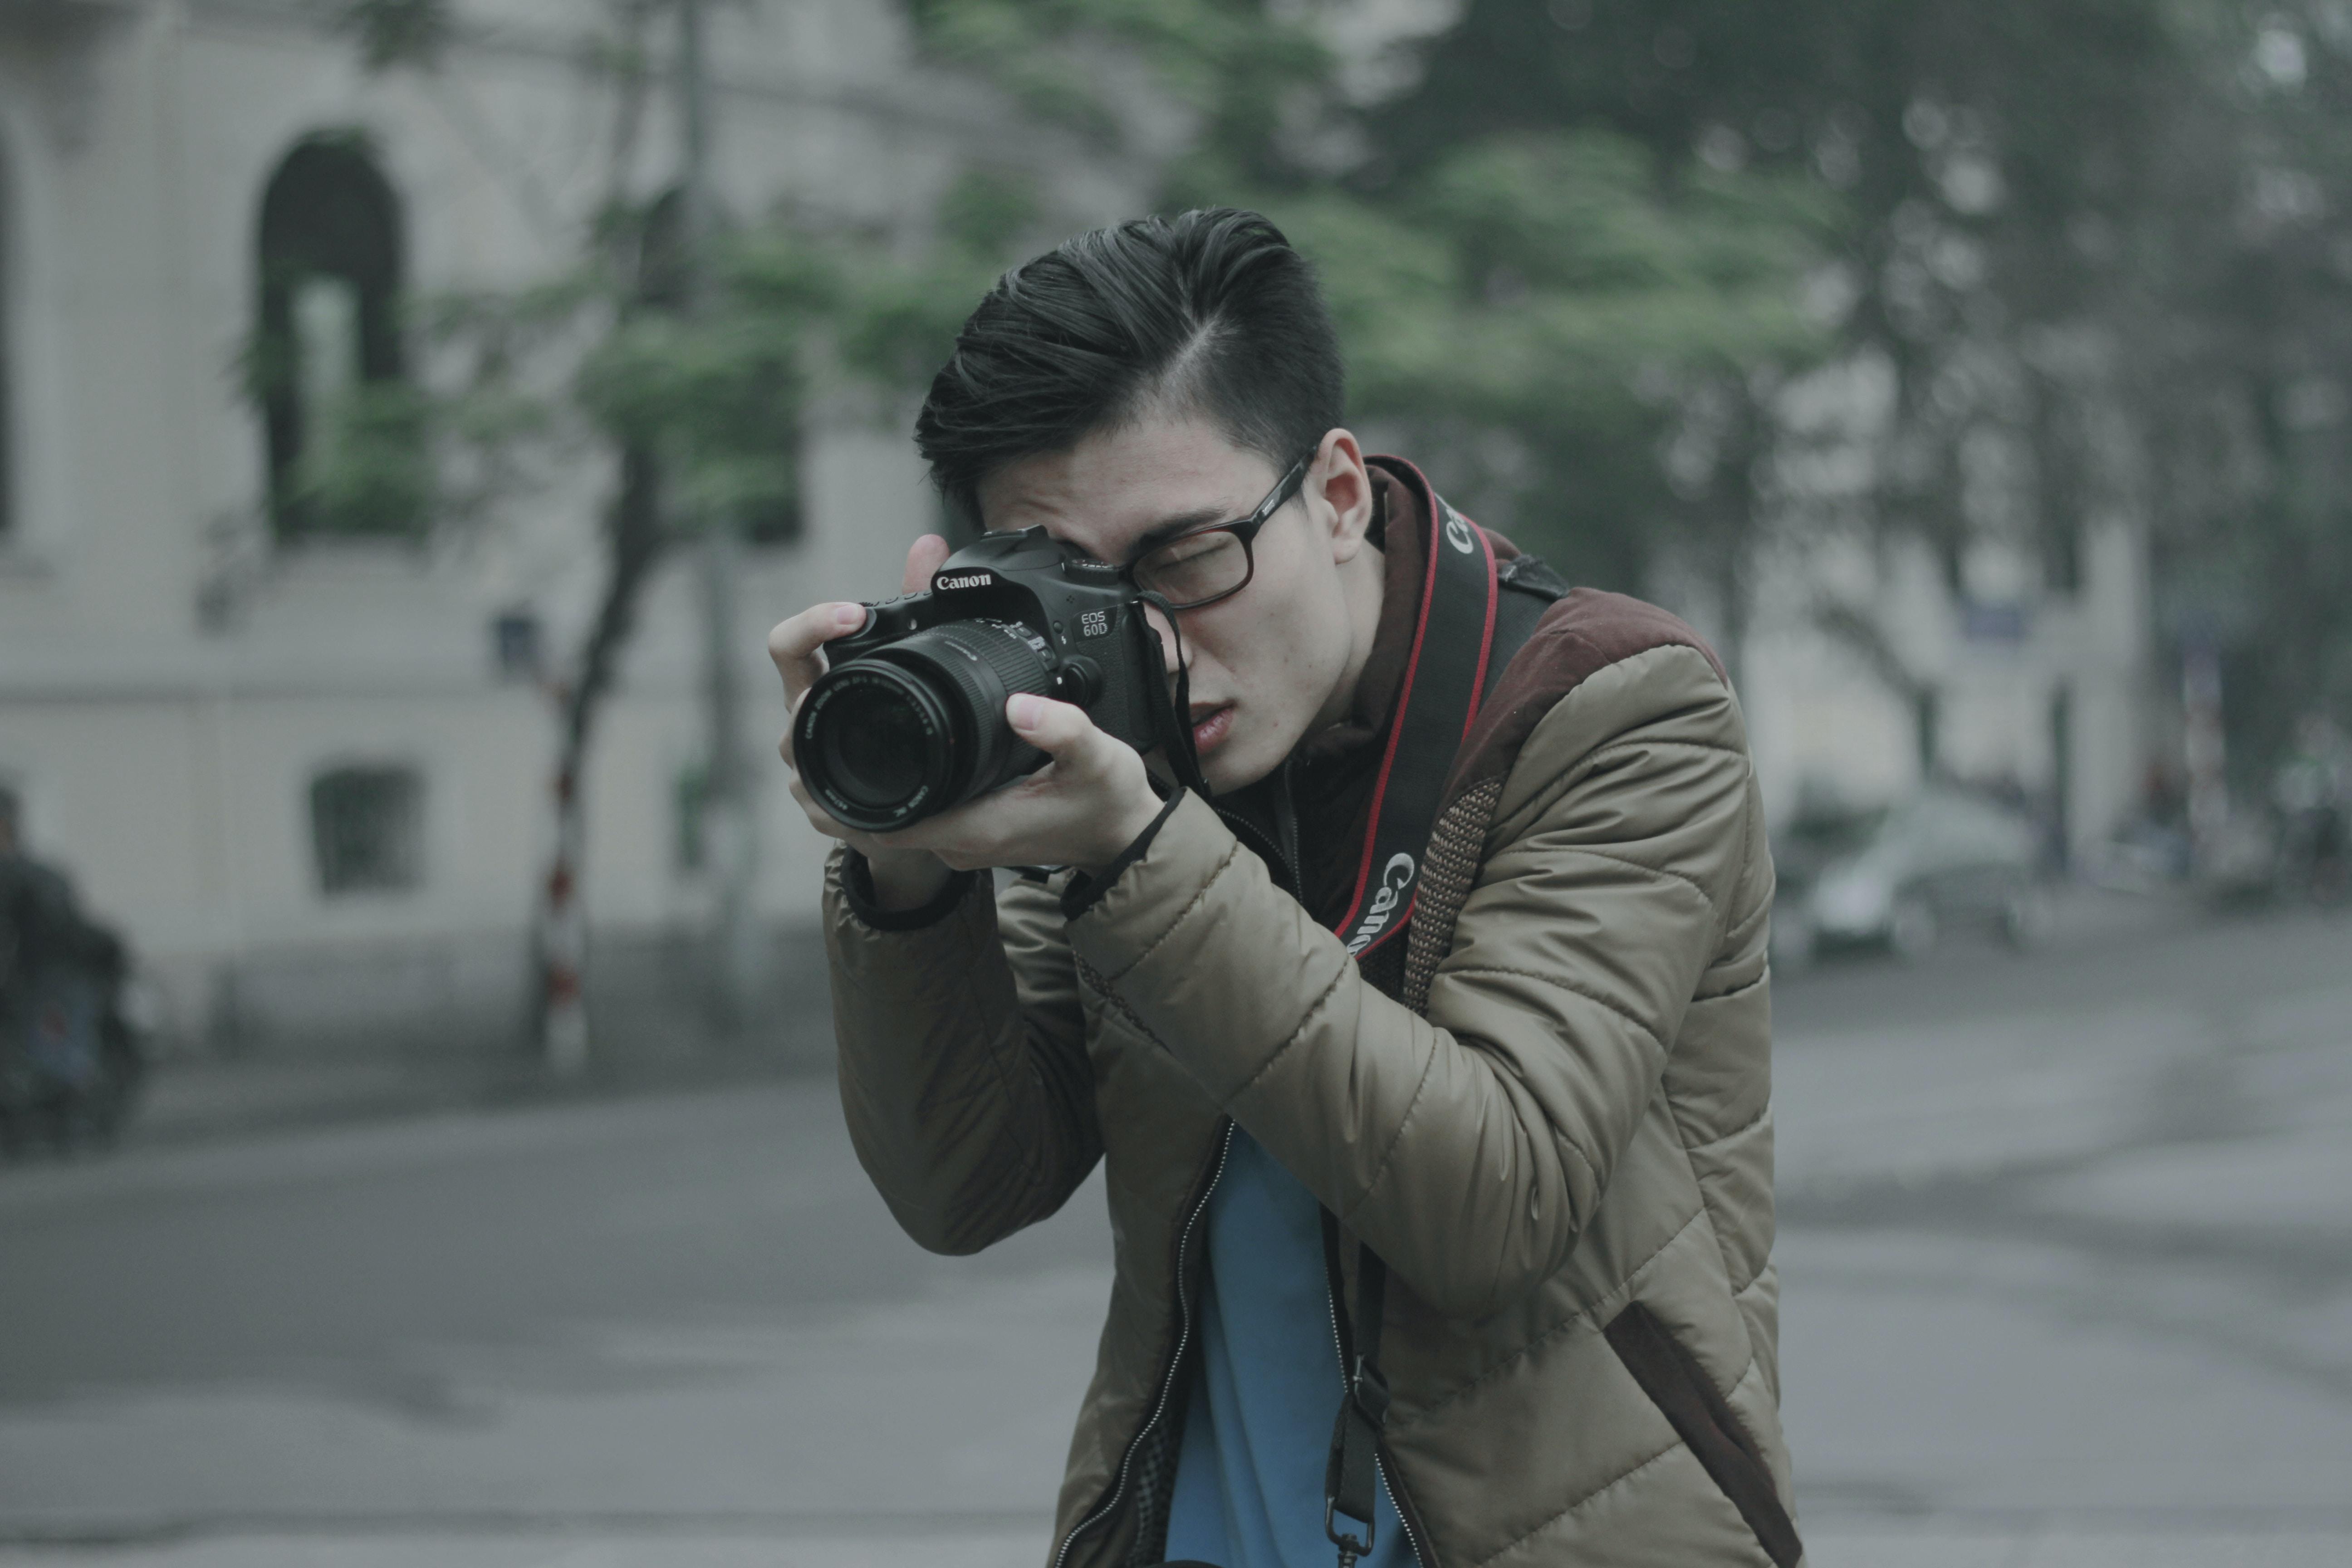 Curso fotografia digital download video 10